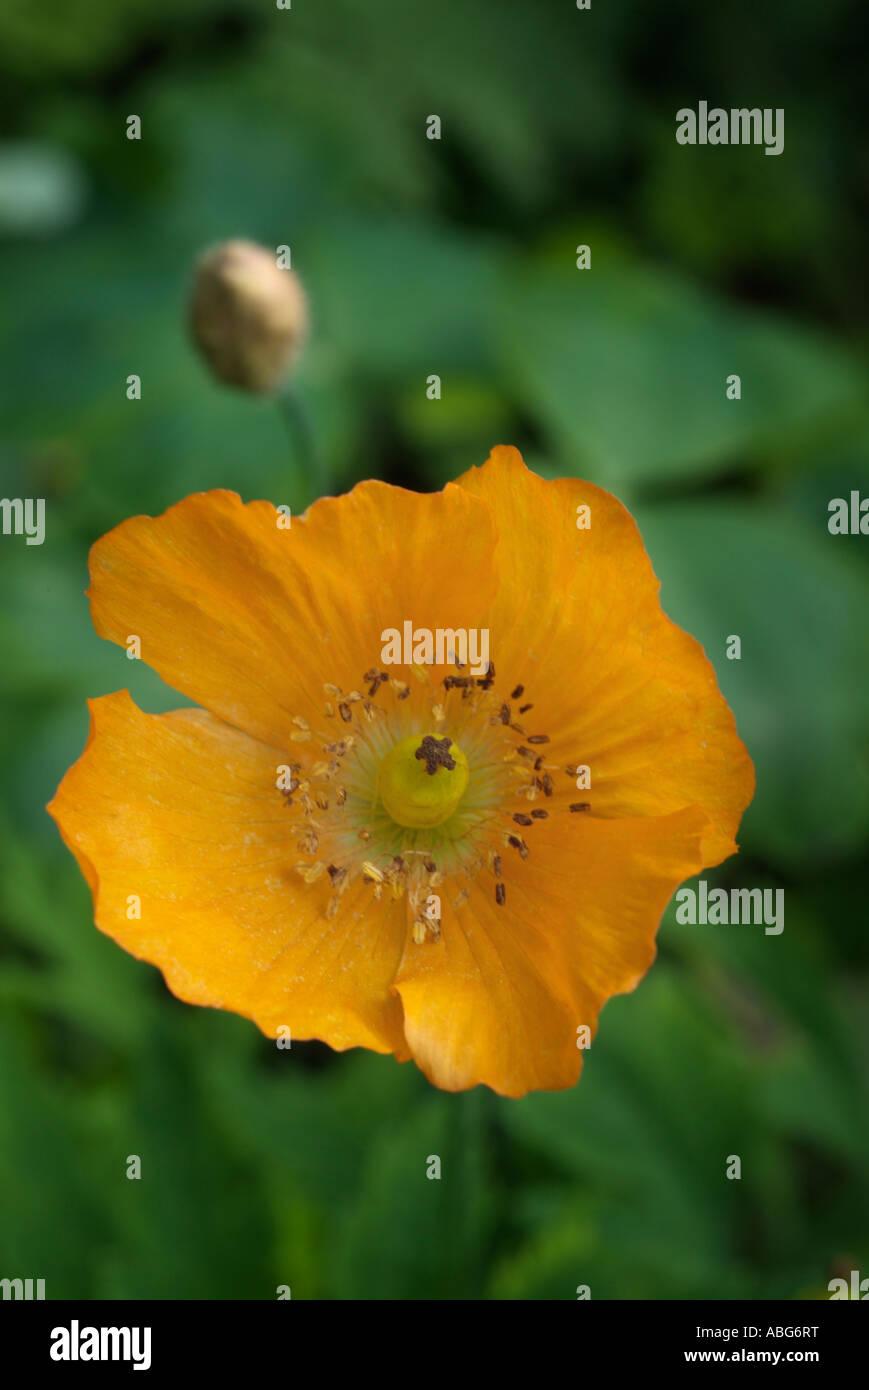 Orange open gallois de pavot fleur papaver papaveraceous seule tête panoramique annuel cultivé cultiver atmosphérique iconique moody cl Banque D'Images